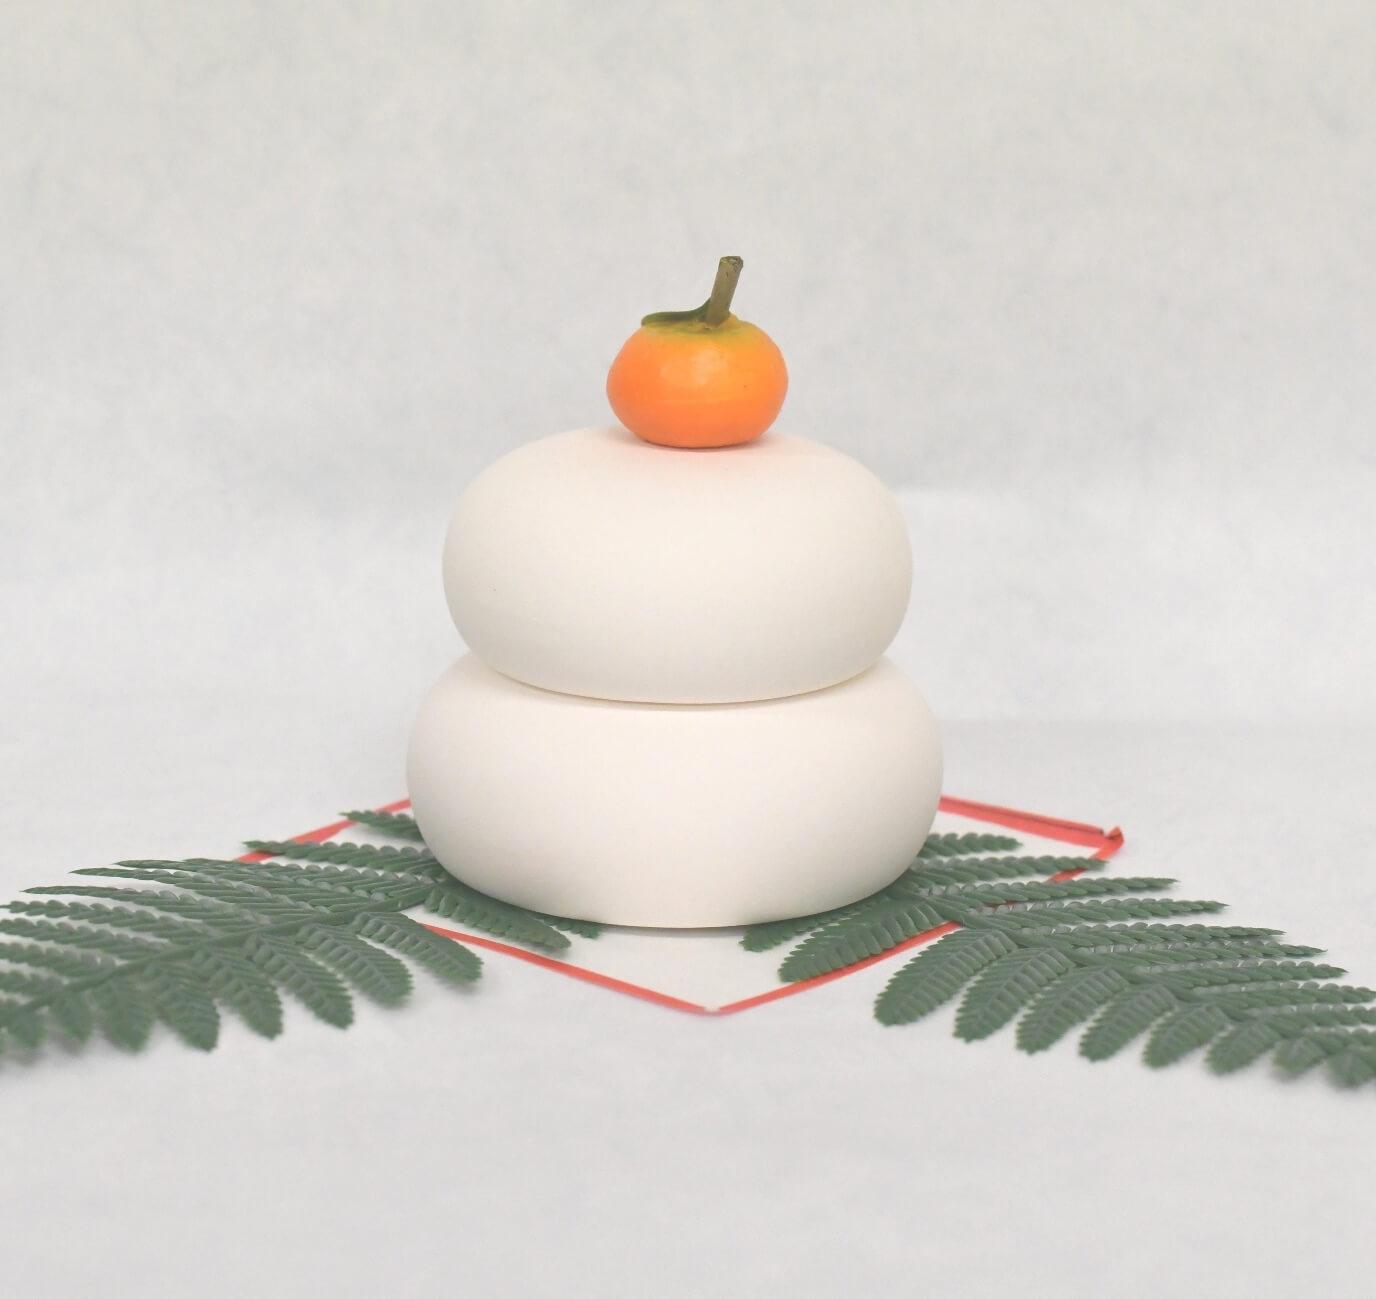 小さくて可愛い 鏡餅 毎年飾れる 極小タイプ 木曽桧遠山付